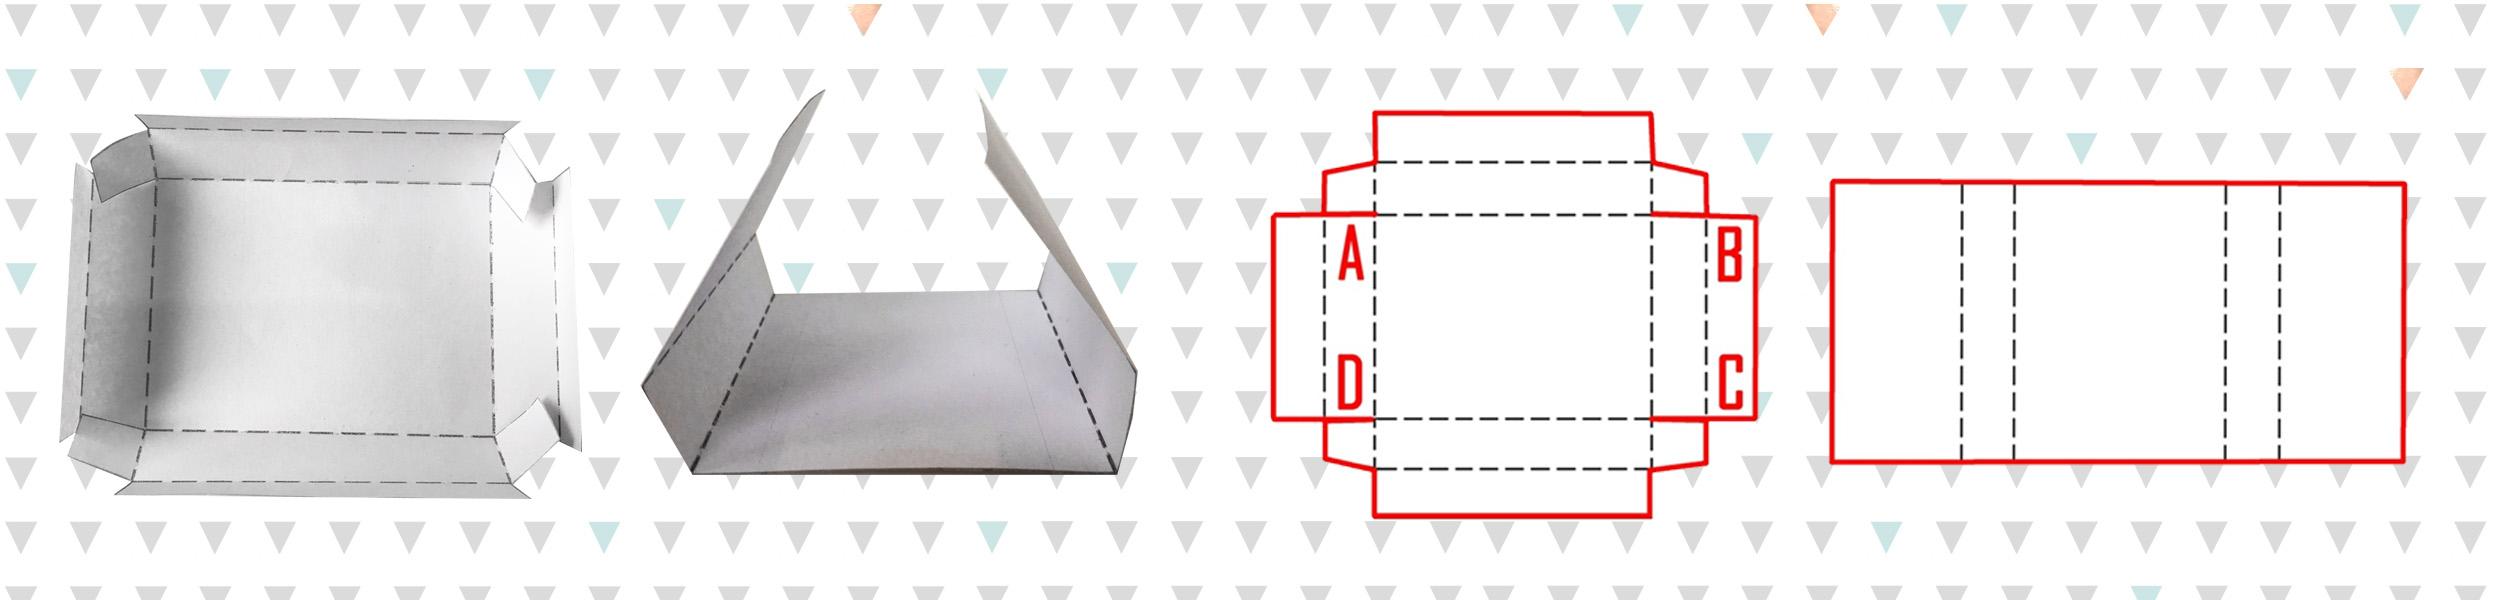 Besondere Weihnachtsgrüße aus Papier selber basteln